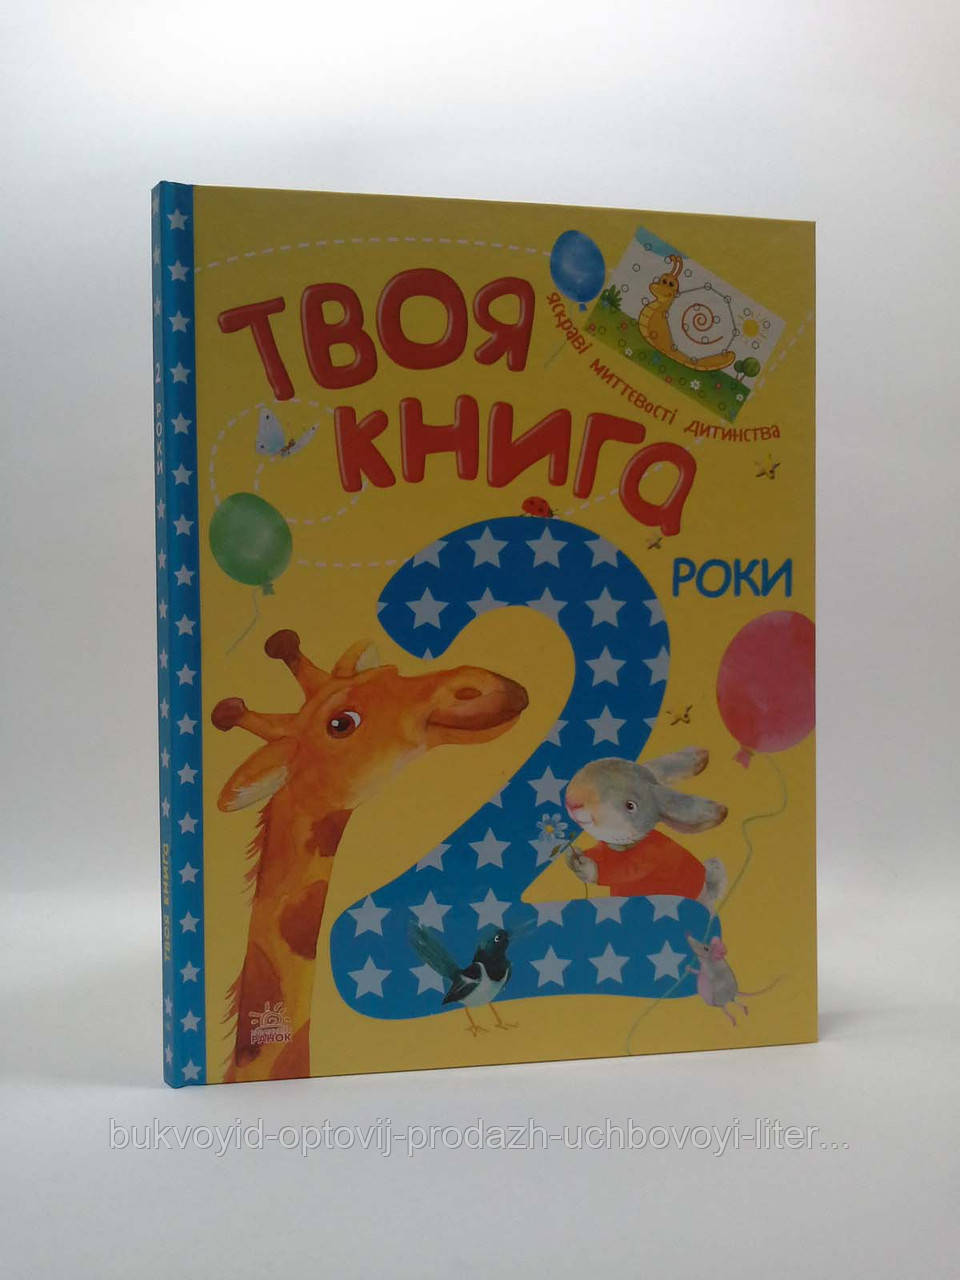 Ранок Твоя книга 2 роки